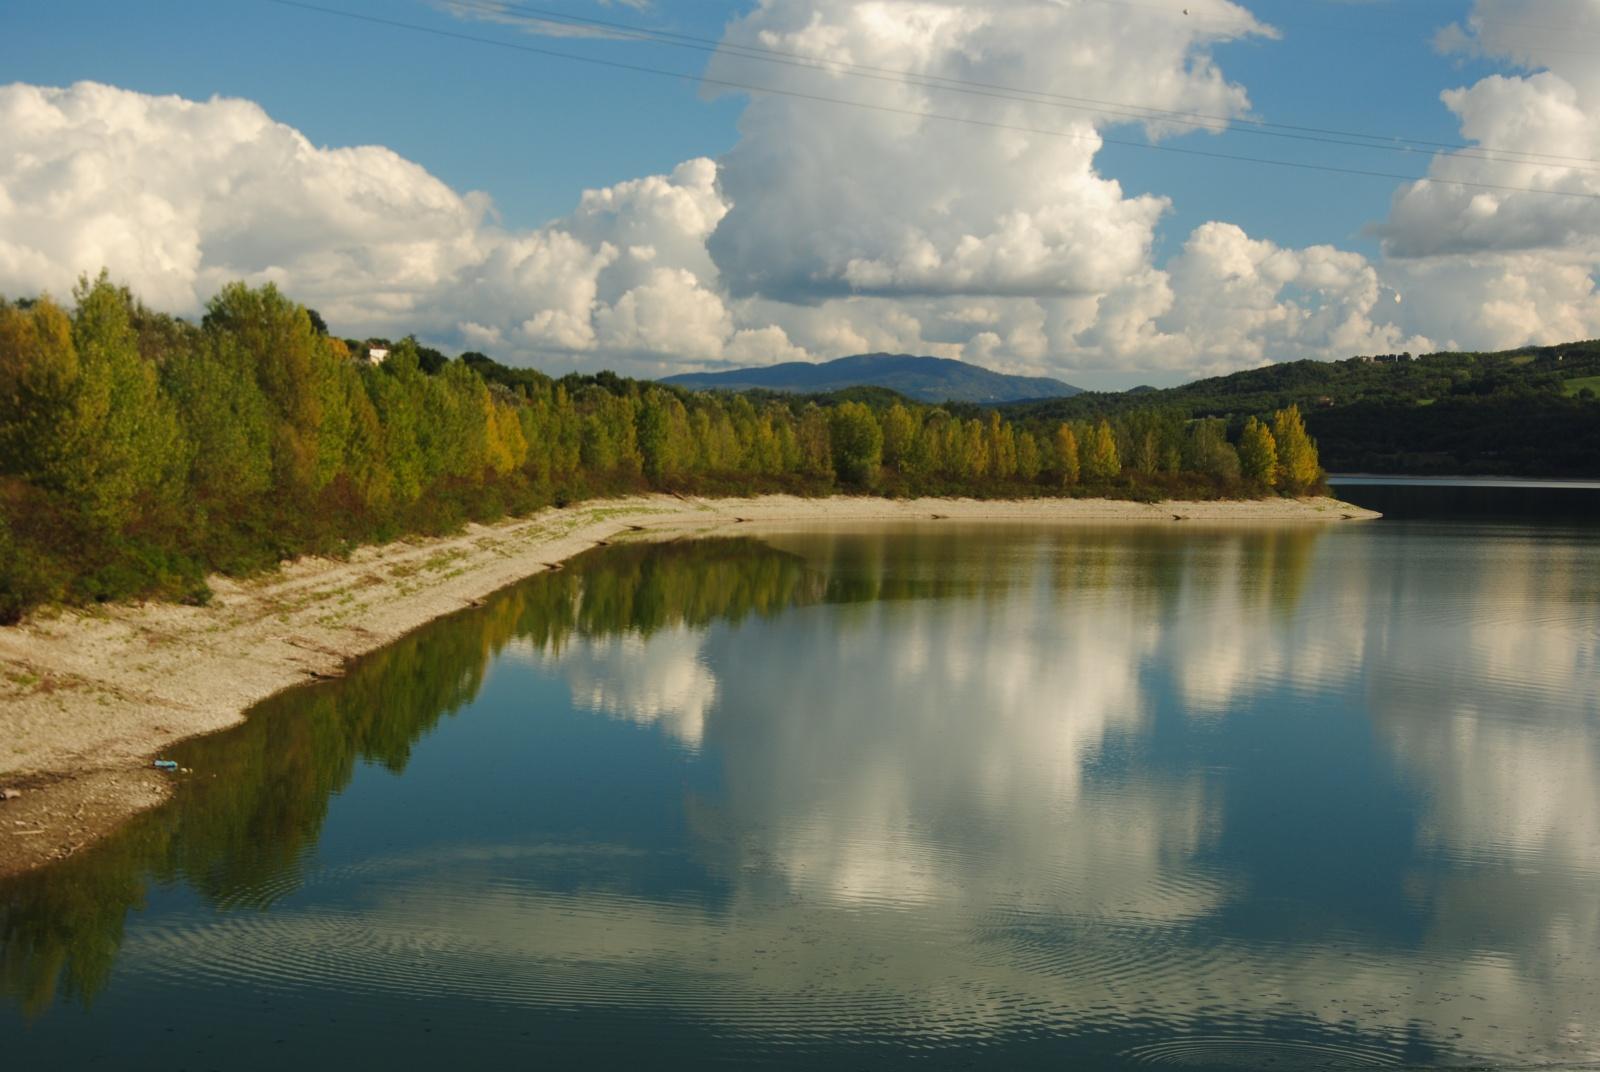 lago di Bilancino, Barberino di Mugello (FI)